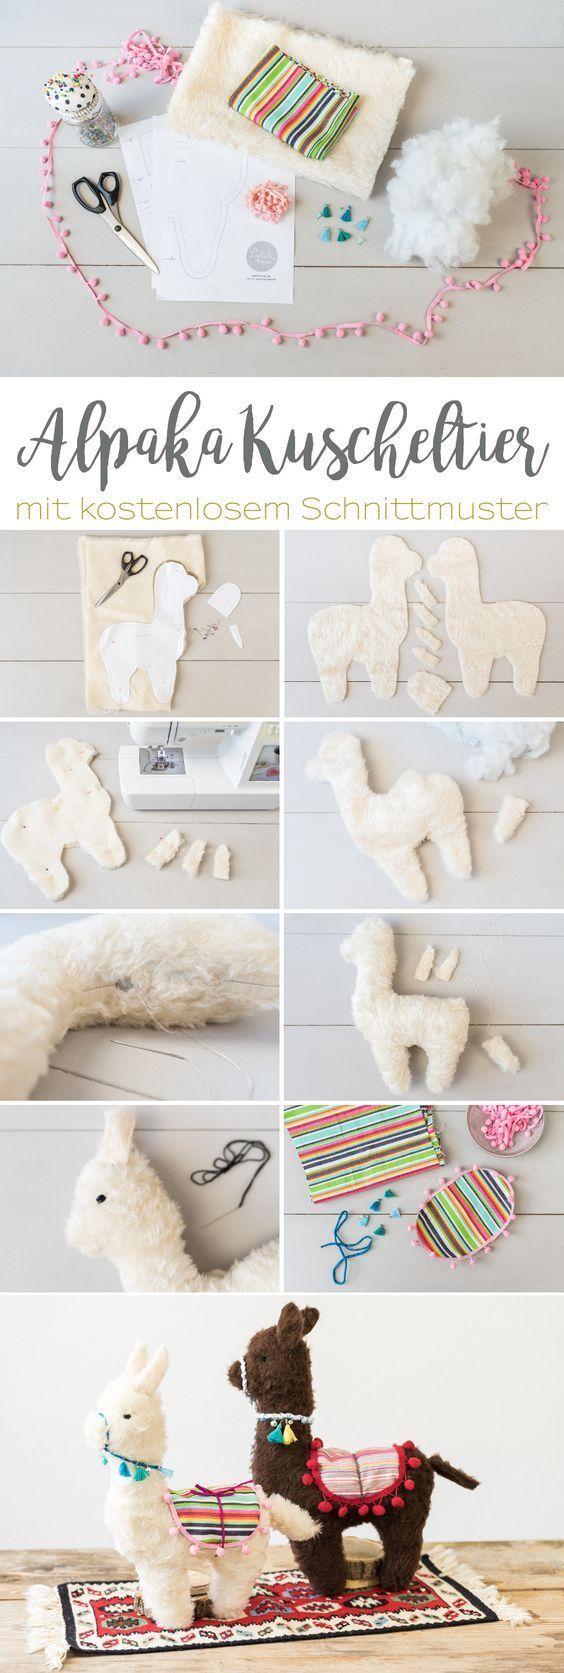 DIY – Geschenke: Alpaka Kuscheltier nähen #crochet